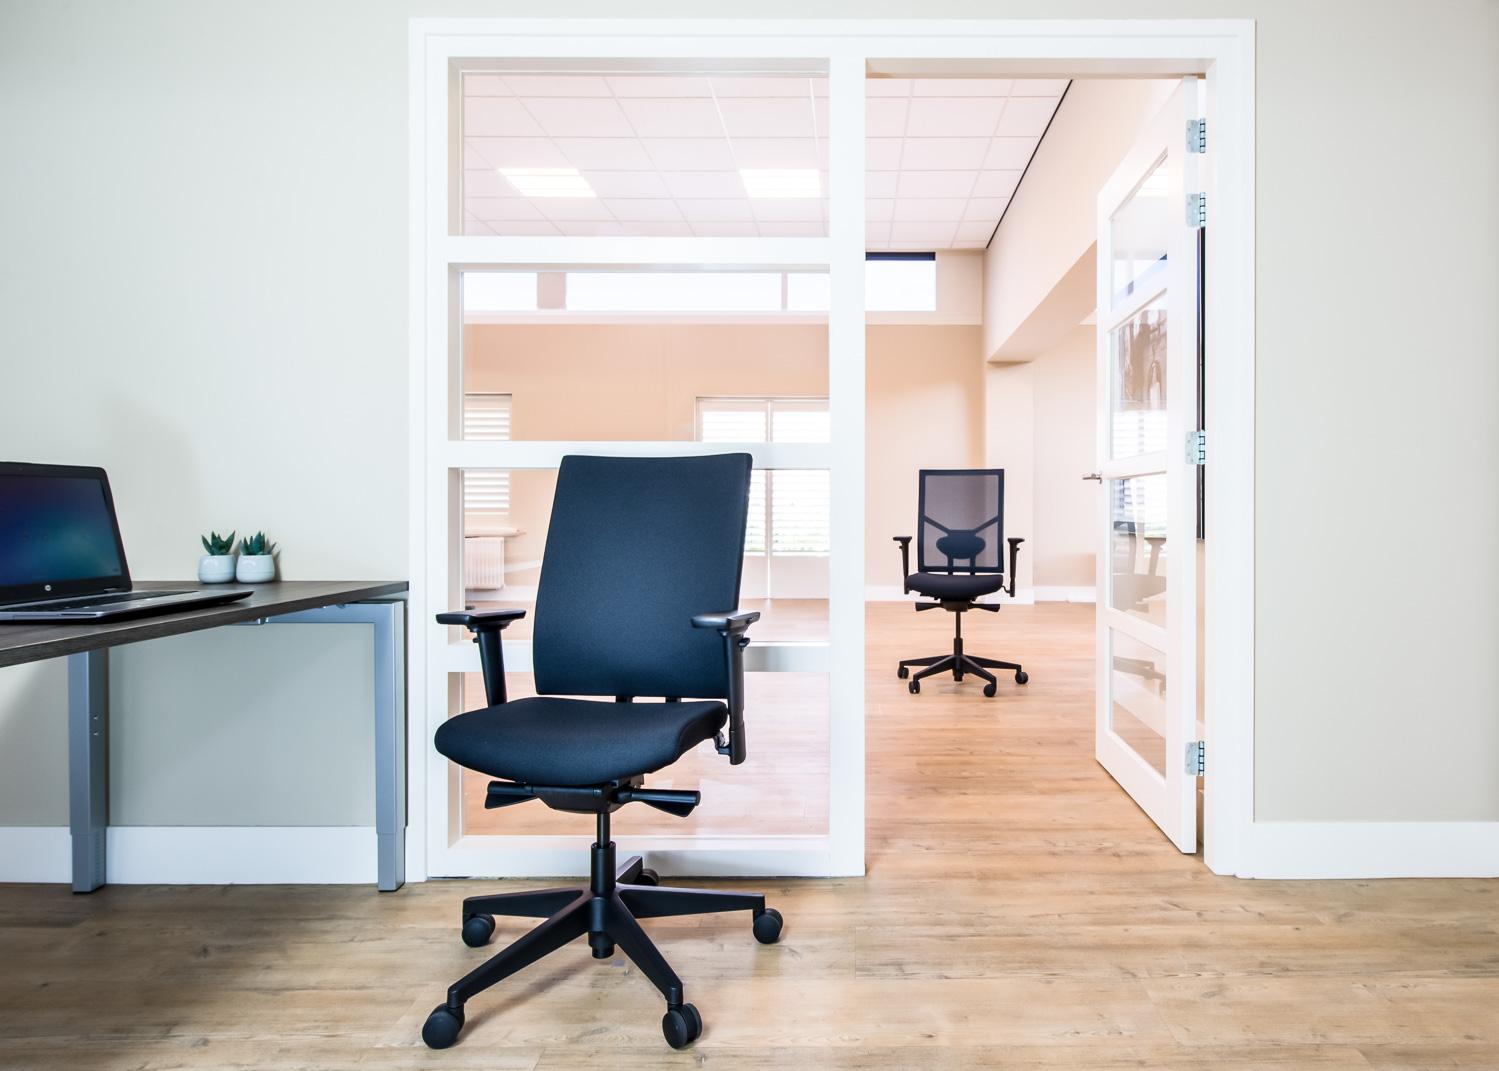 Chairsupply